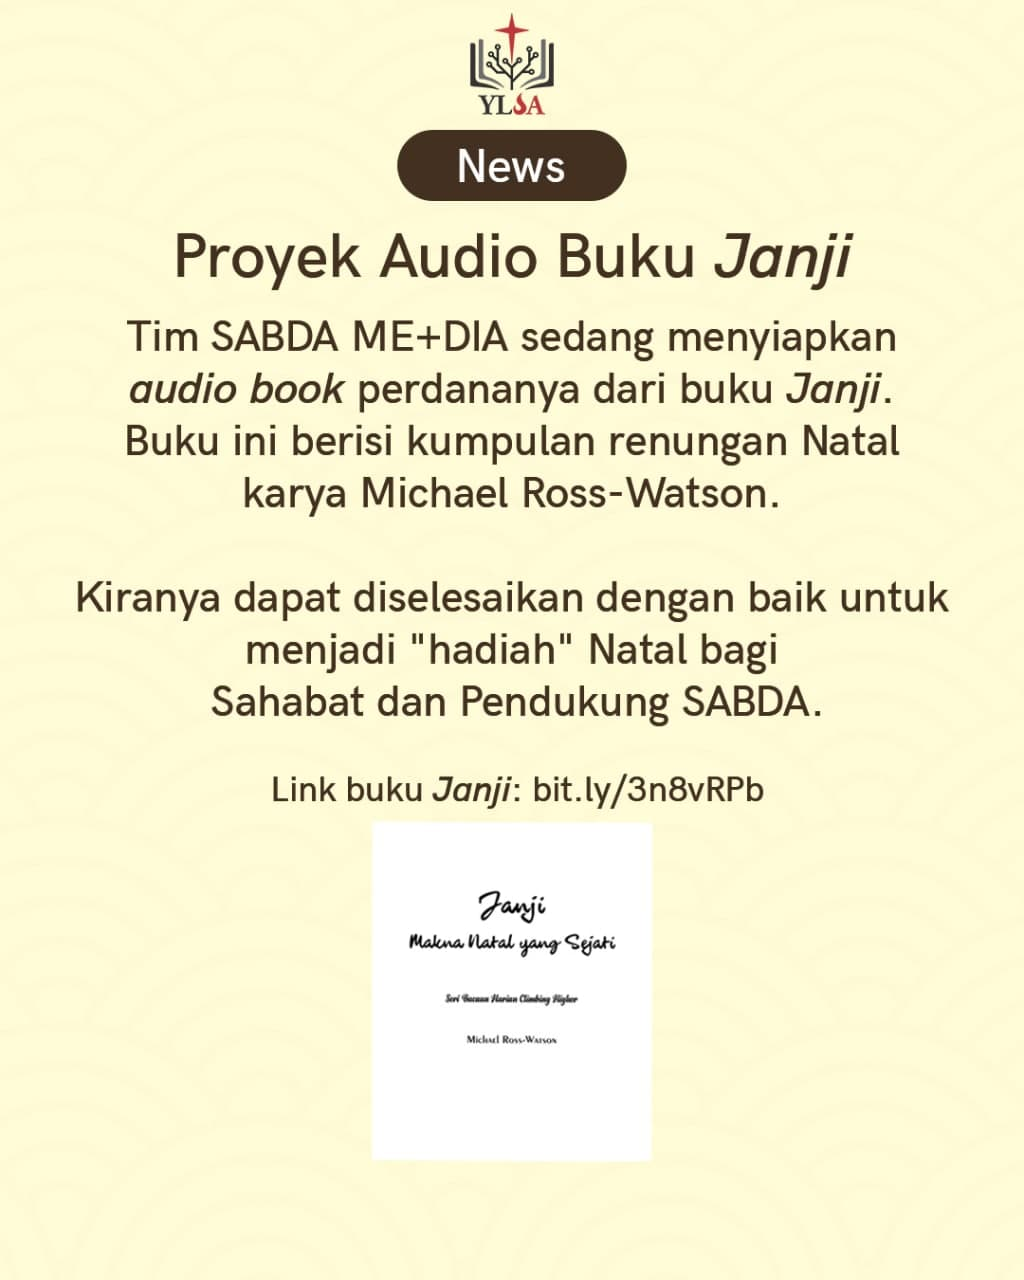 Tim SABDA ME+DIA sedang menyiapkan audio book perdananya dari buku 'Janji' karya Michael Ross-Watson.